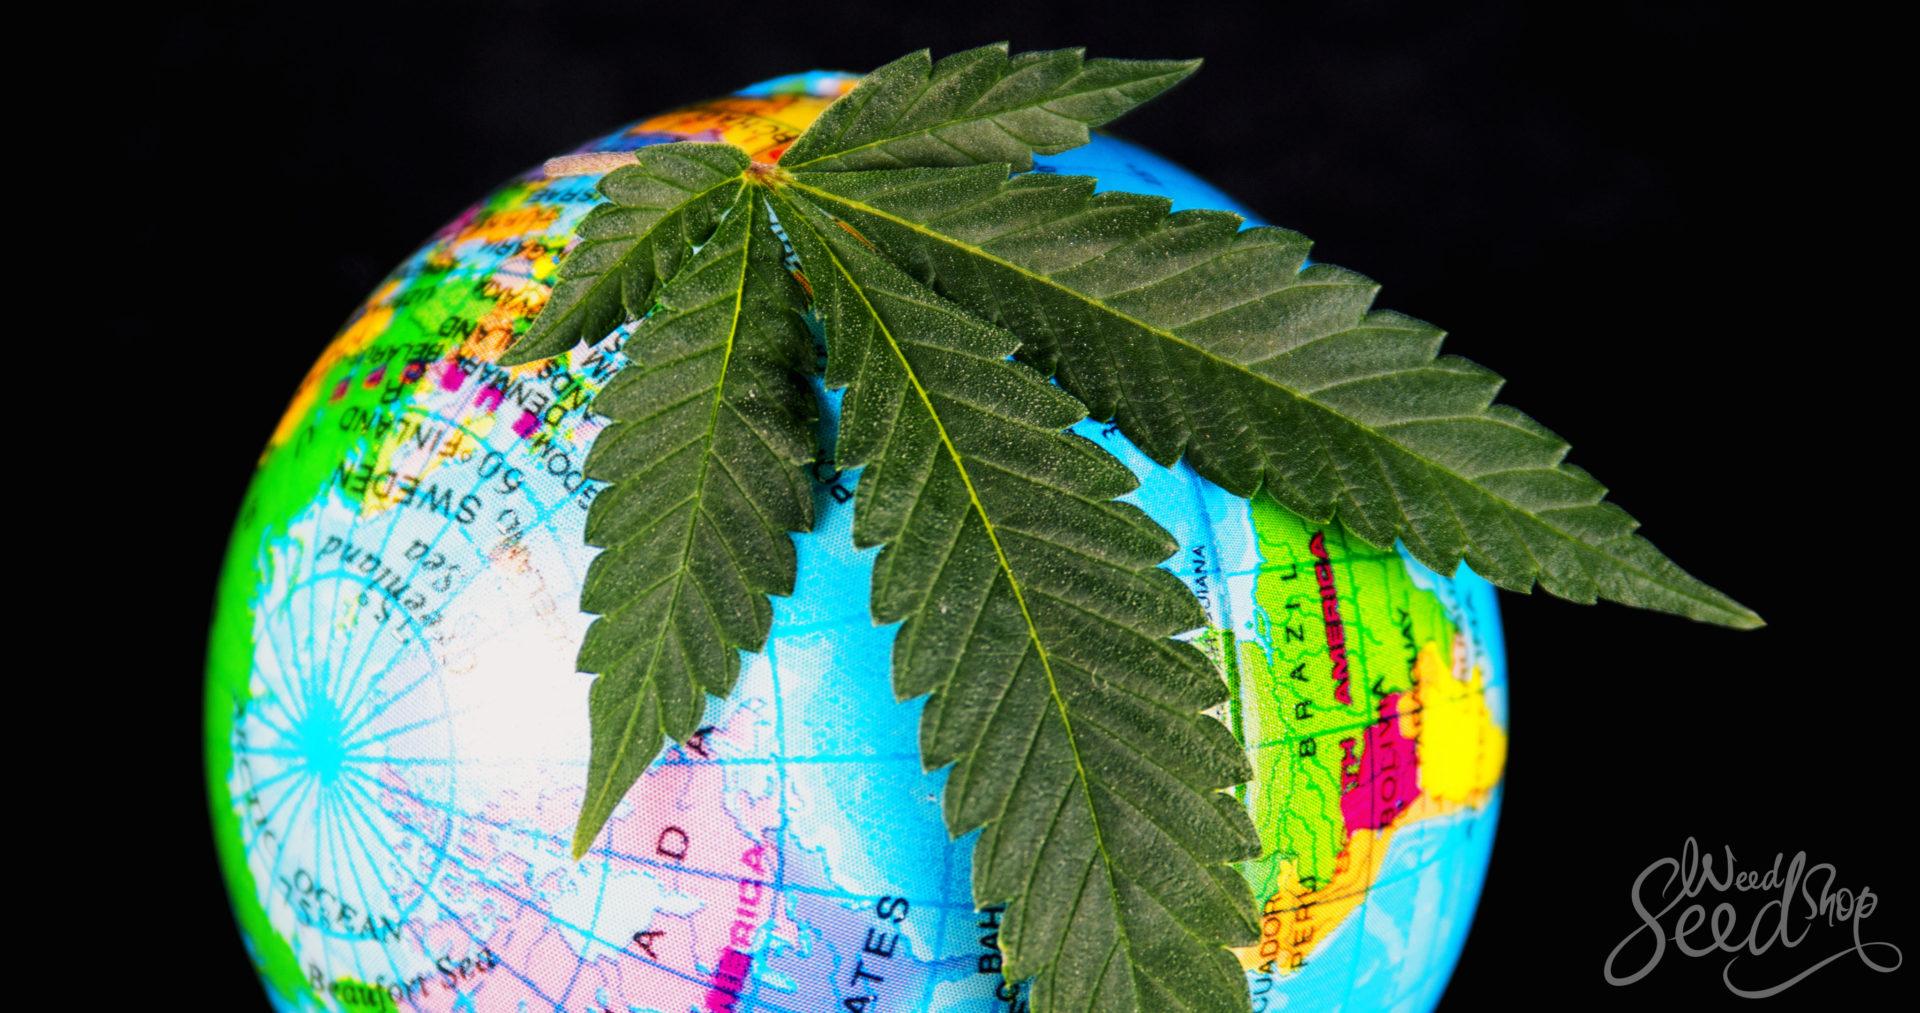 Ein Anfängerguide der weltweiten Weedkultur